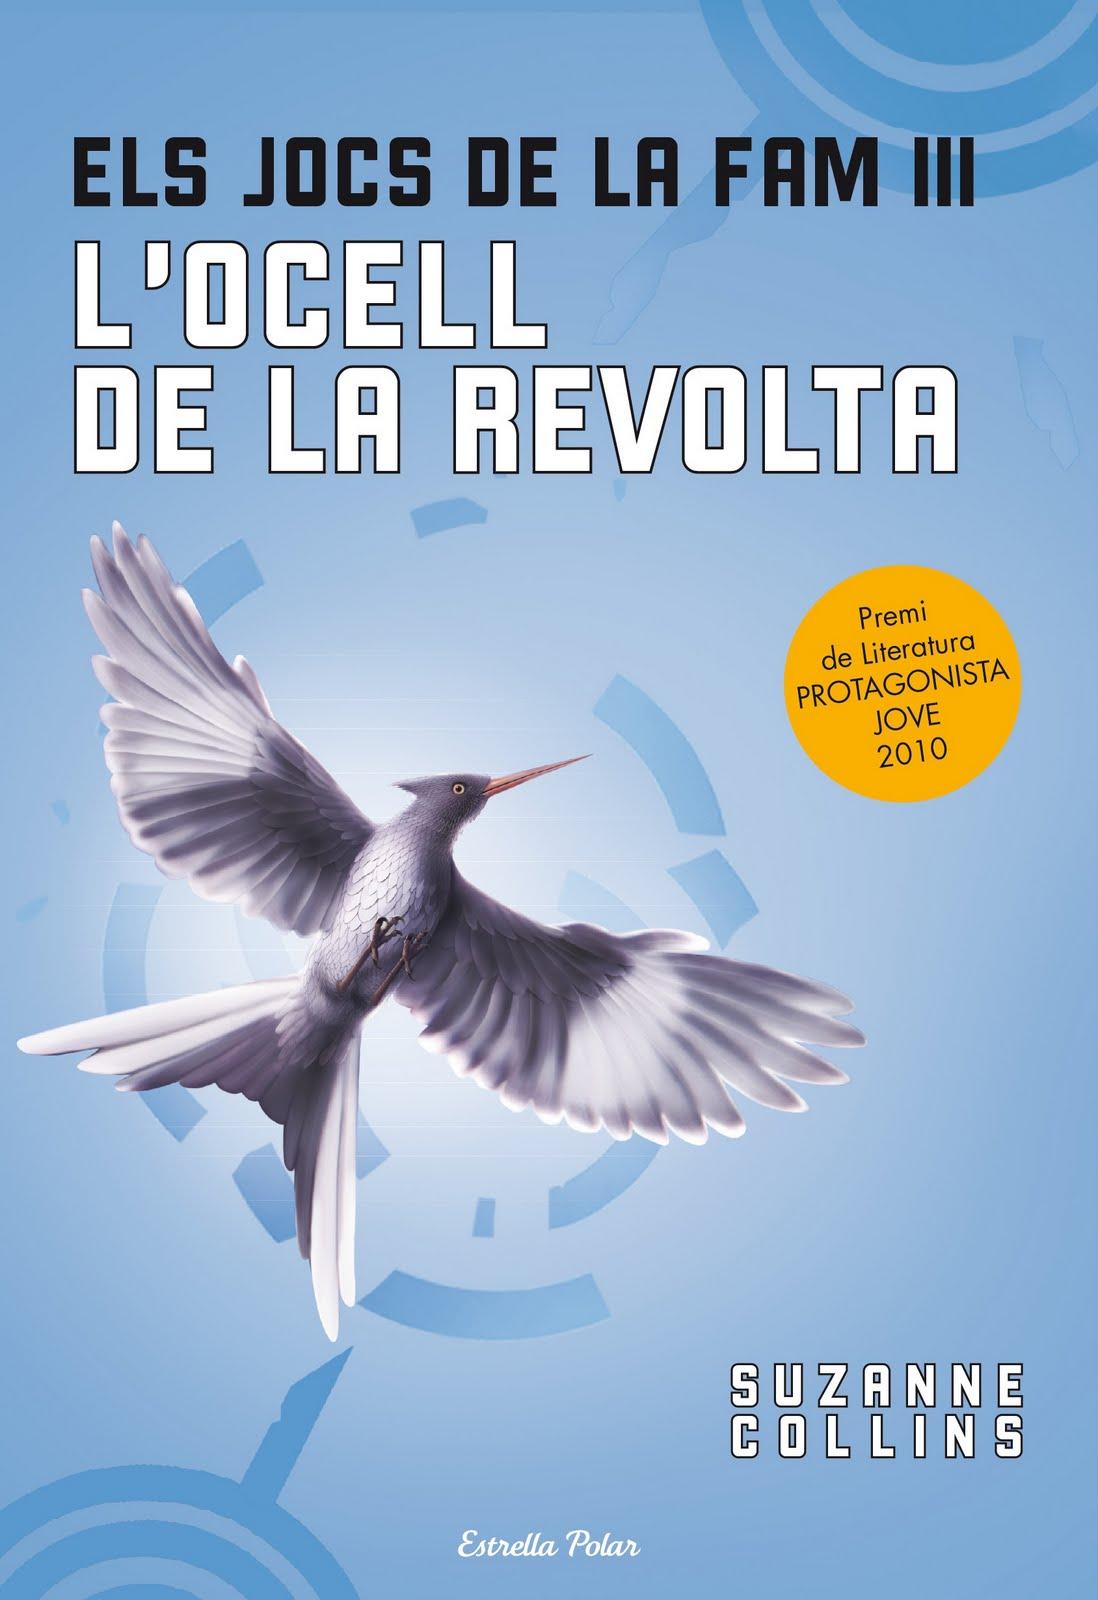 L'ocell de la revolta